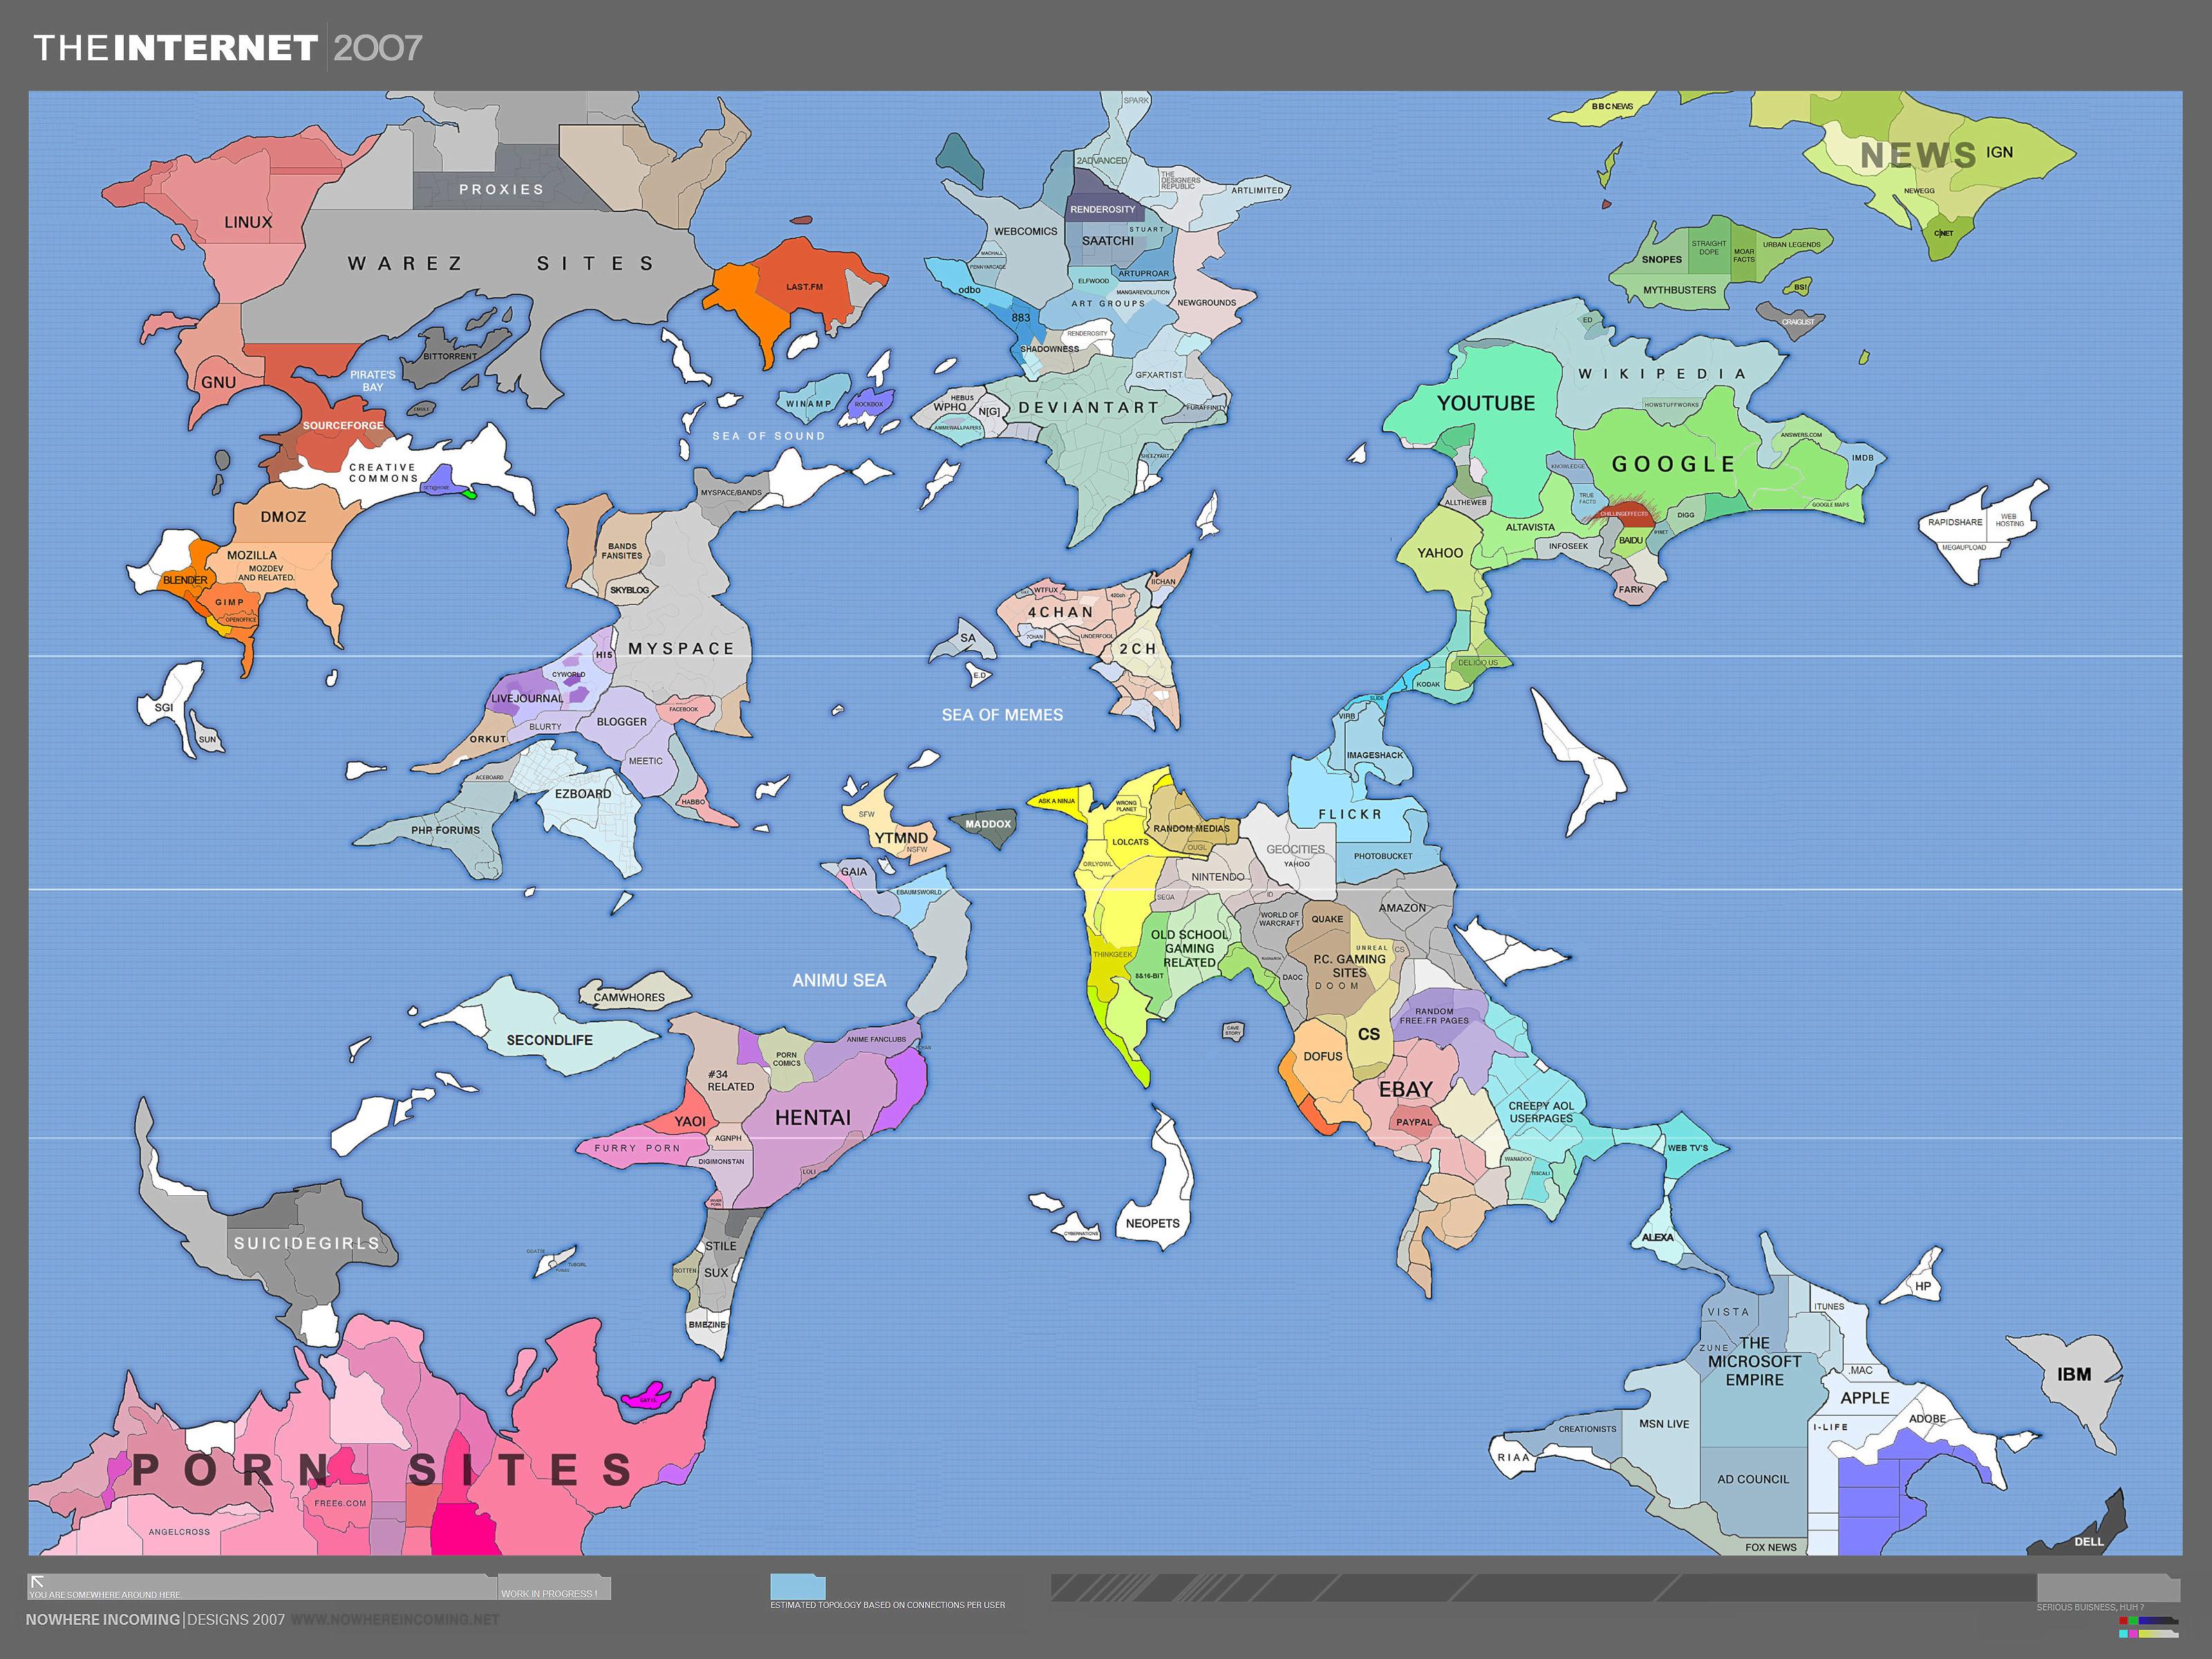 Adiccion Porno Forocoches primicia mundial. mapa de internet !!! - forocoches